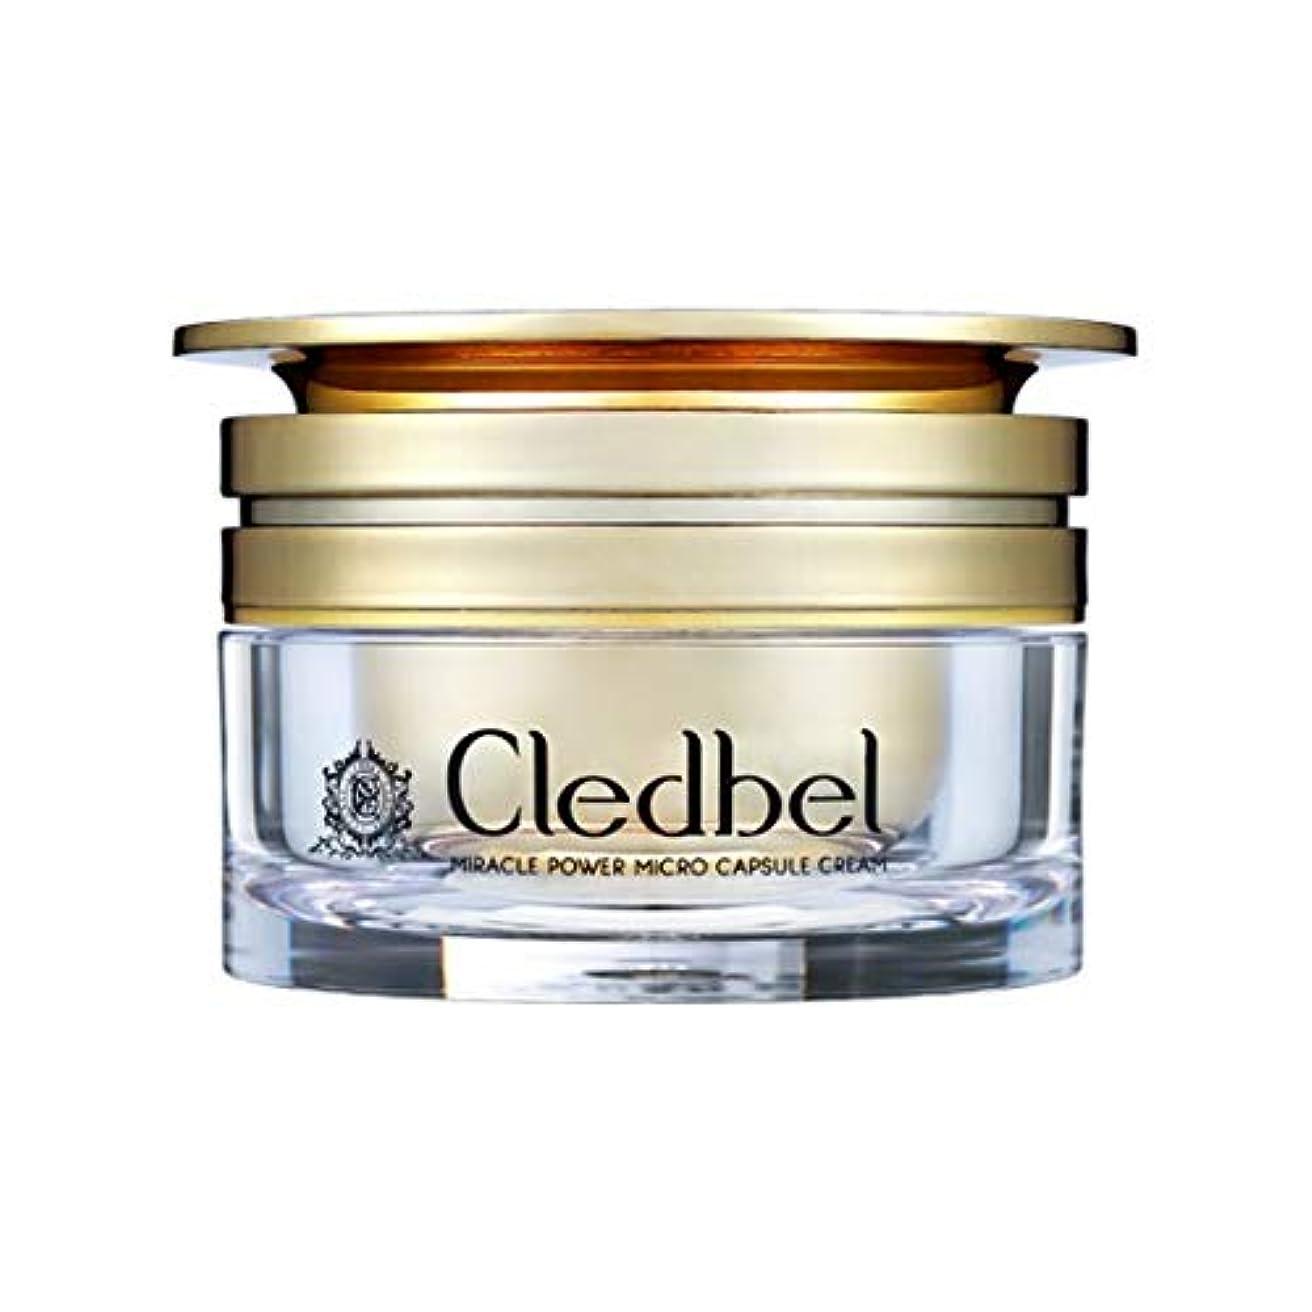 パン屋カナダ予防接種[cledbel] Miracle Power Micro Capsule Cream 50ml / ミラクルパワーマイクロカプセルクリーム 50ml [並行輸入品]